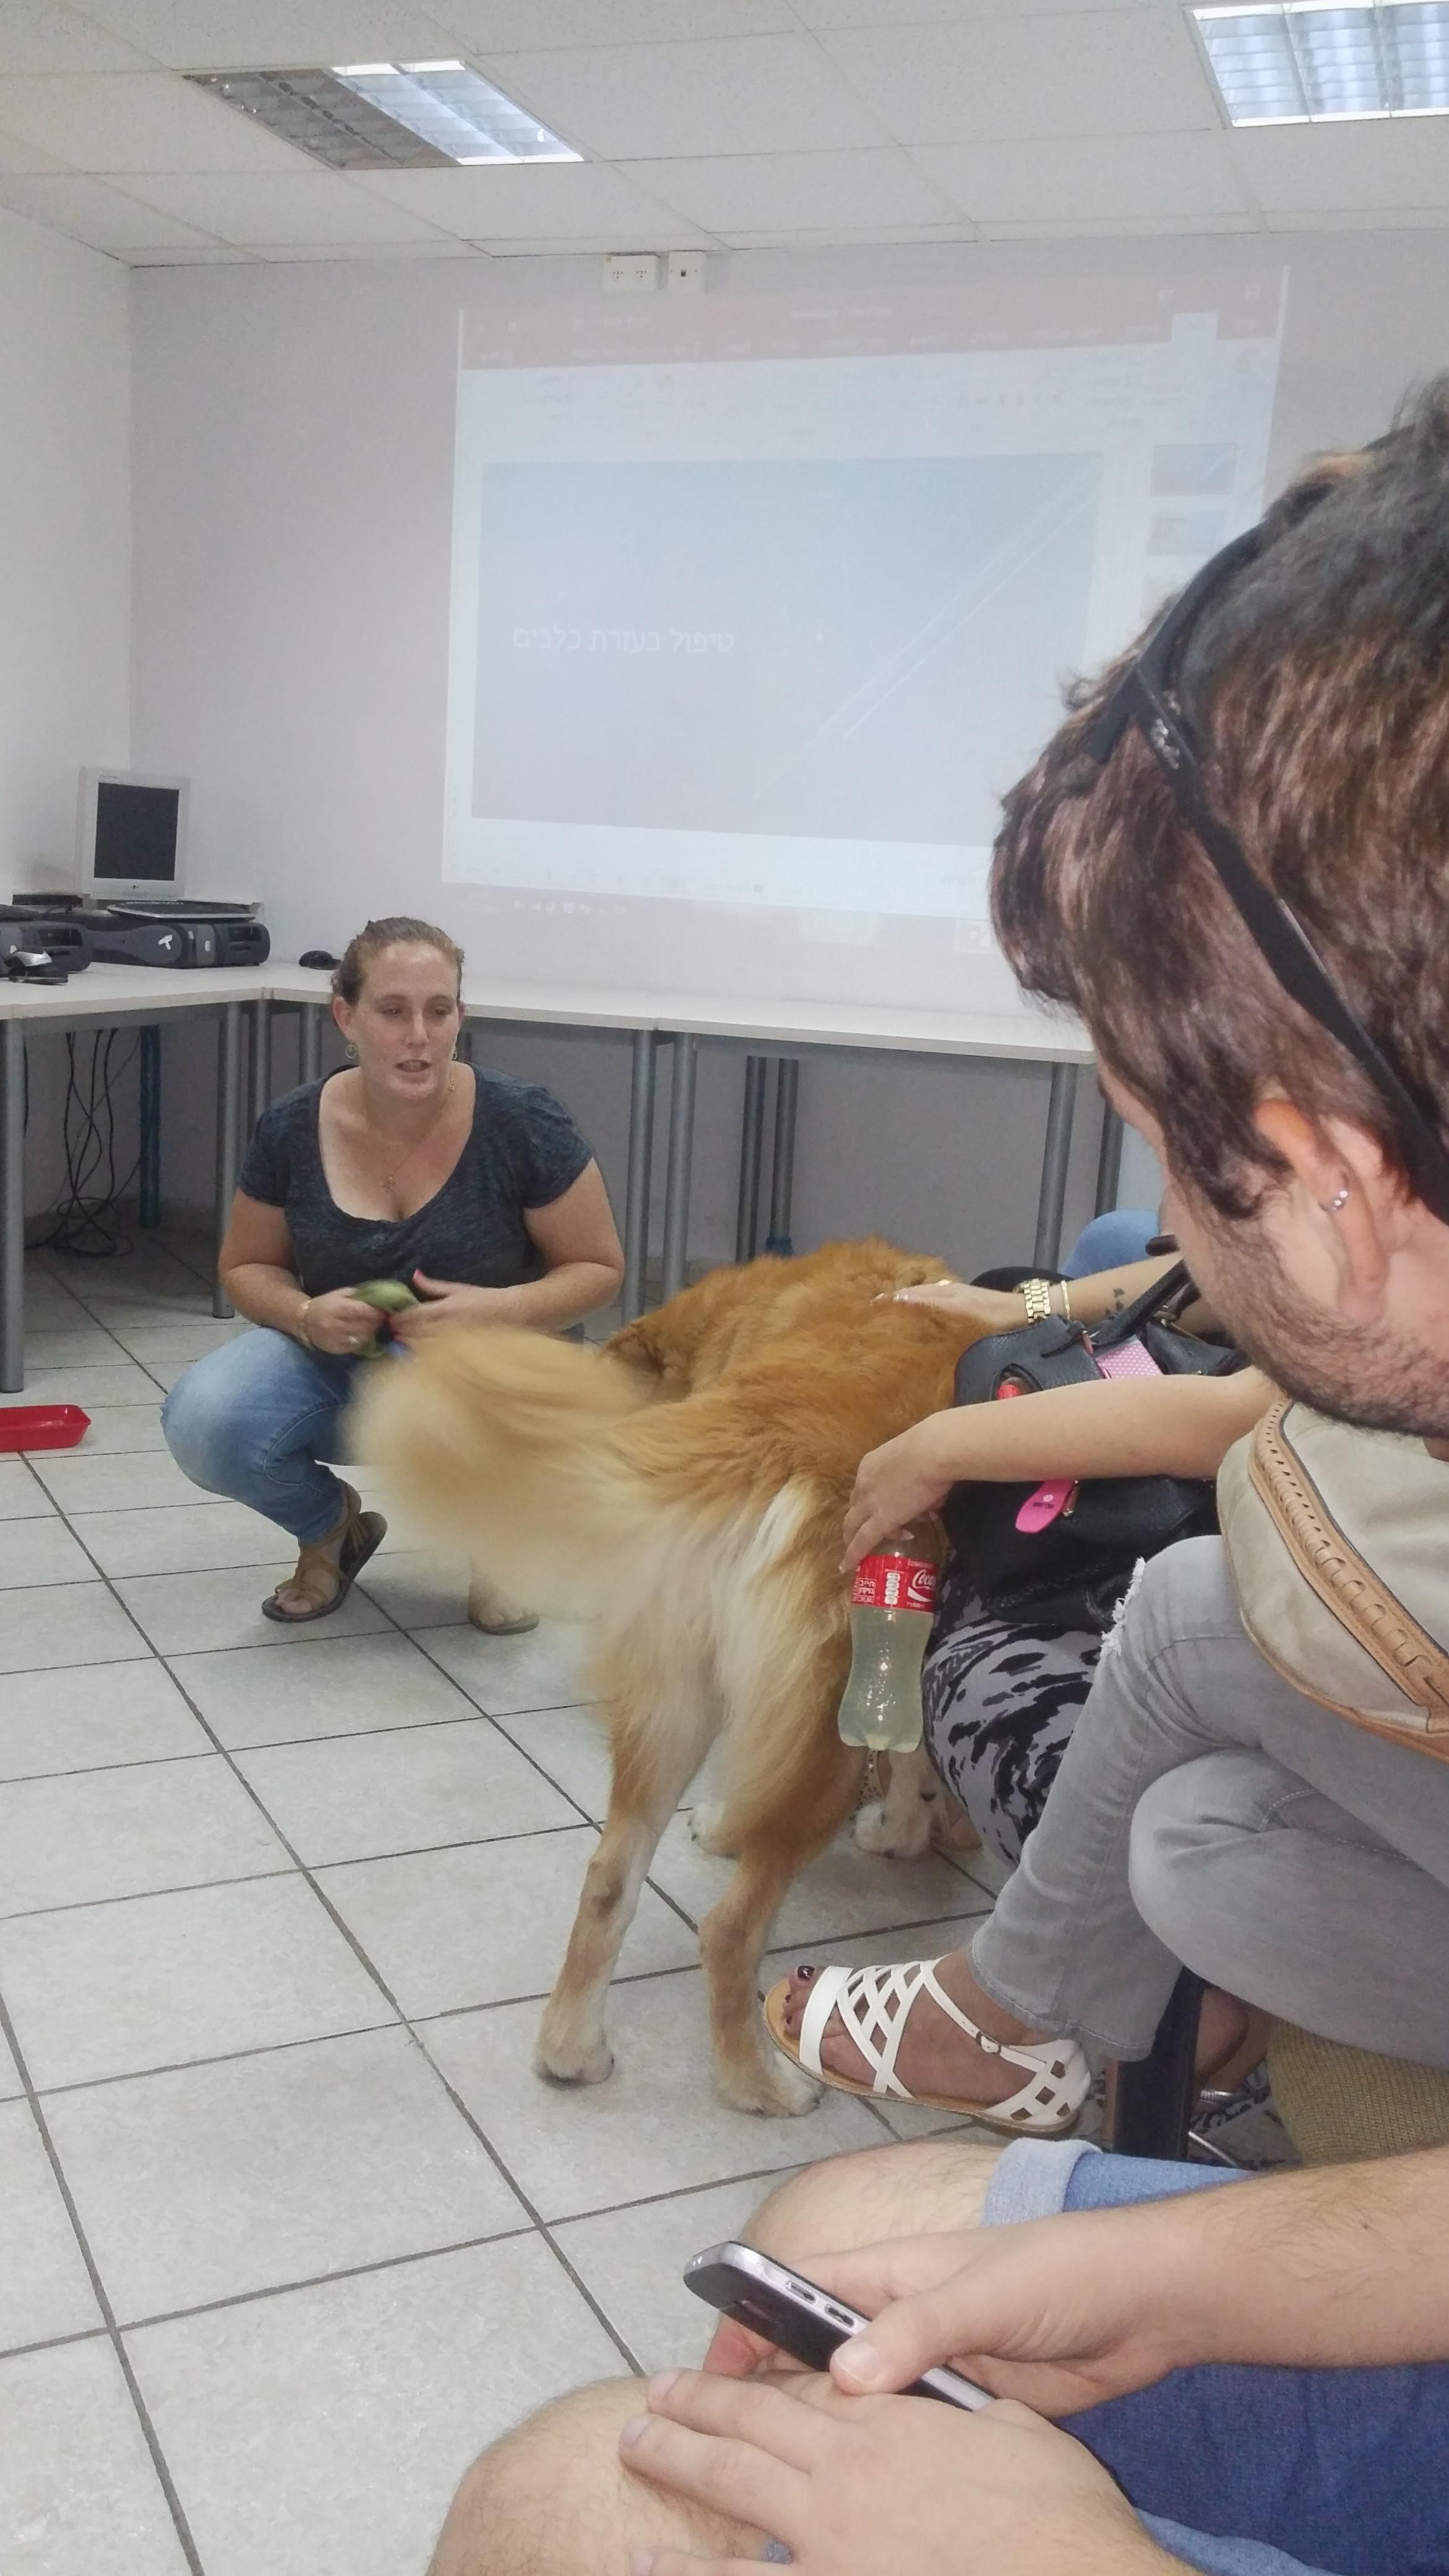 הרצאה בנושא טיפול בבעלי חיים- דיור מוגן בש  (1)